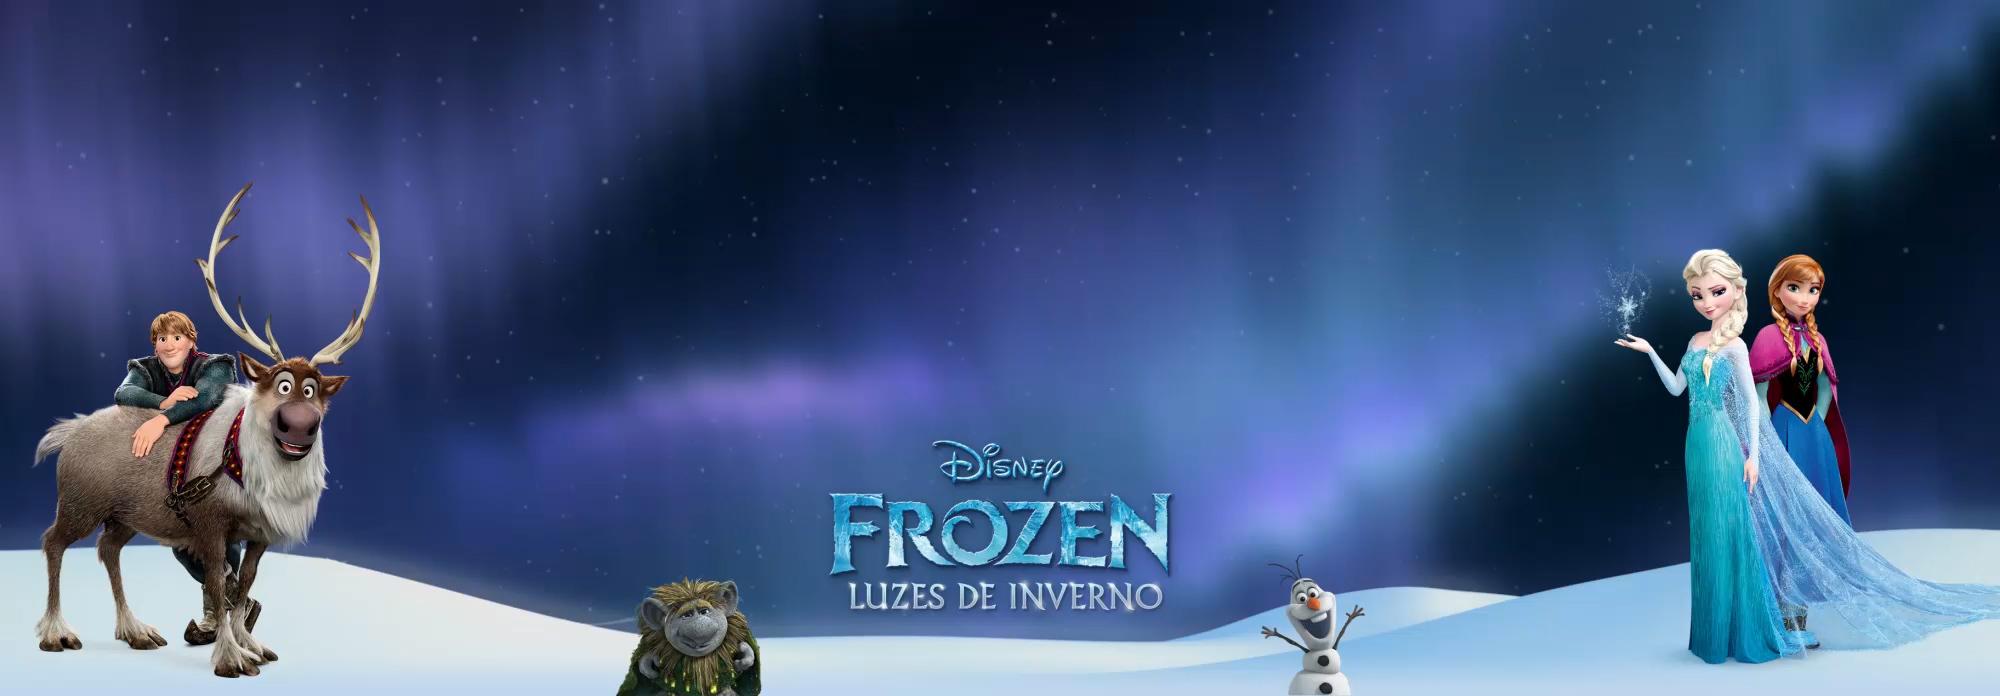 PT Frozen Northern Lights Flex Hero Header